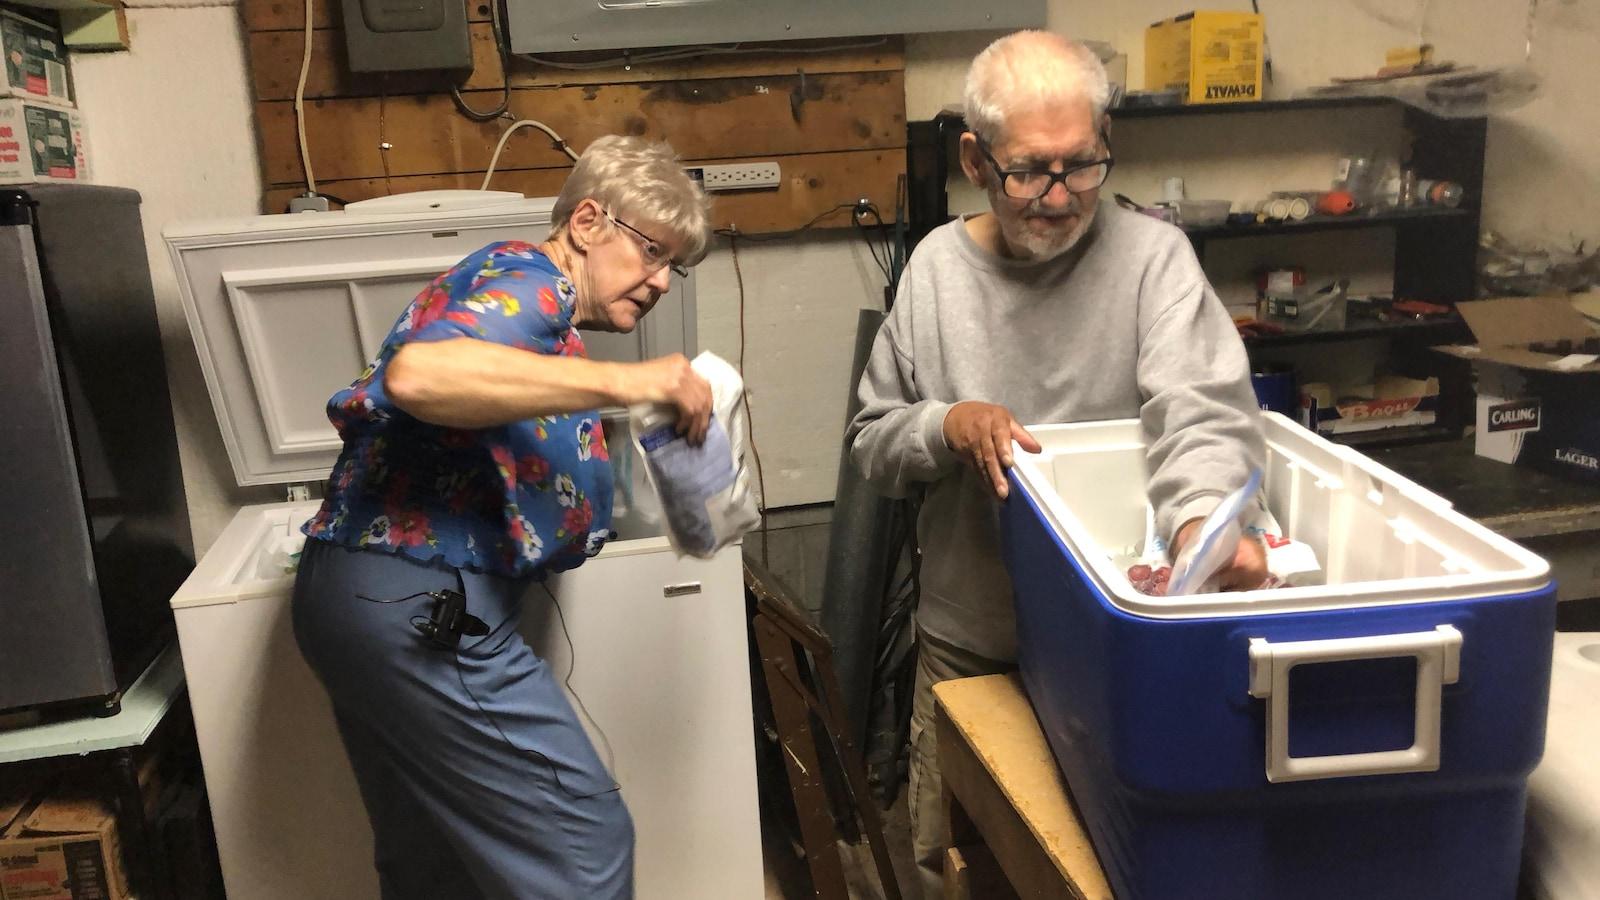 La femme sort un paquet de son congélateur pour le mettre dans une grosse glacière avec l'aide de son conjoint.